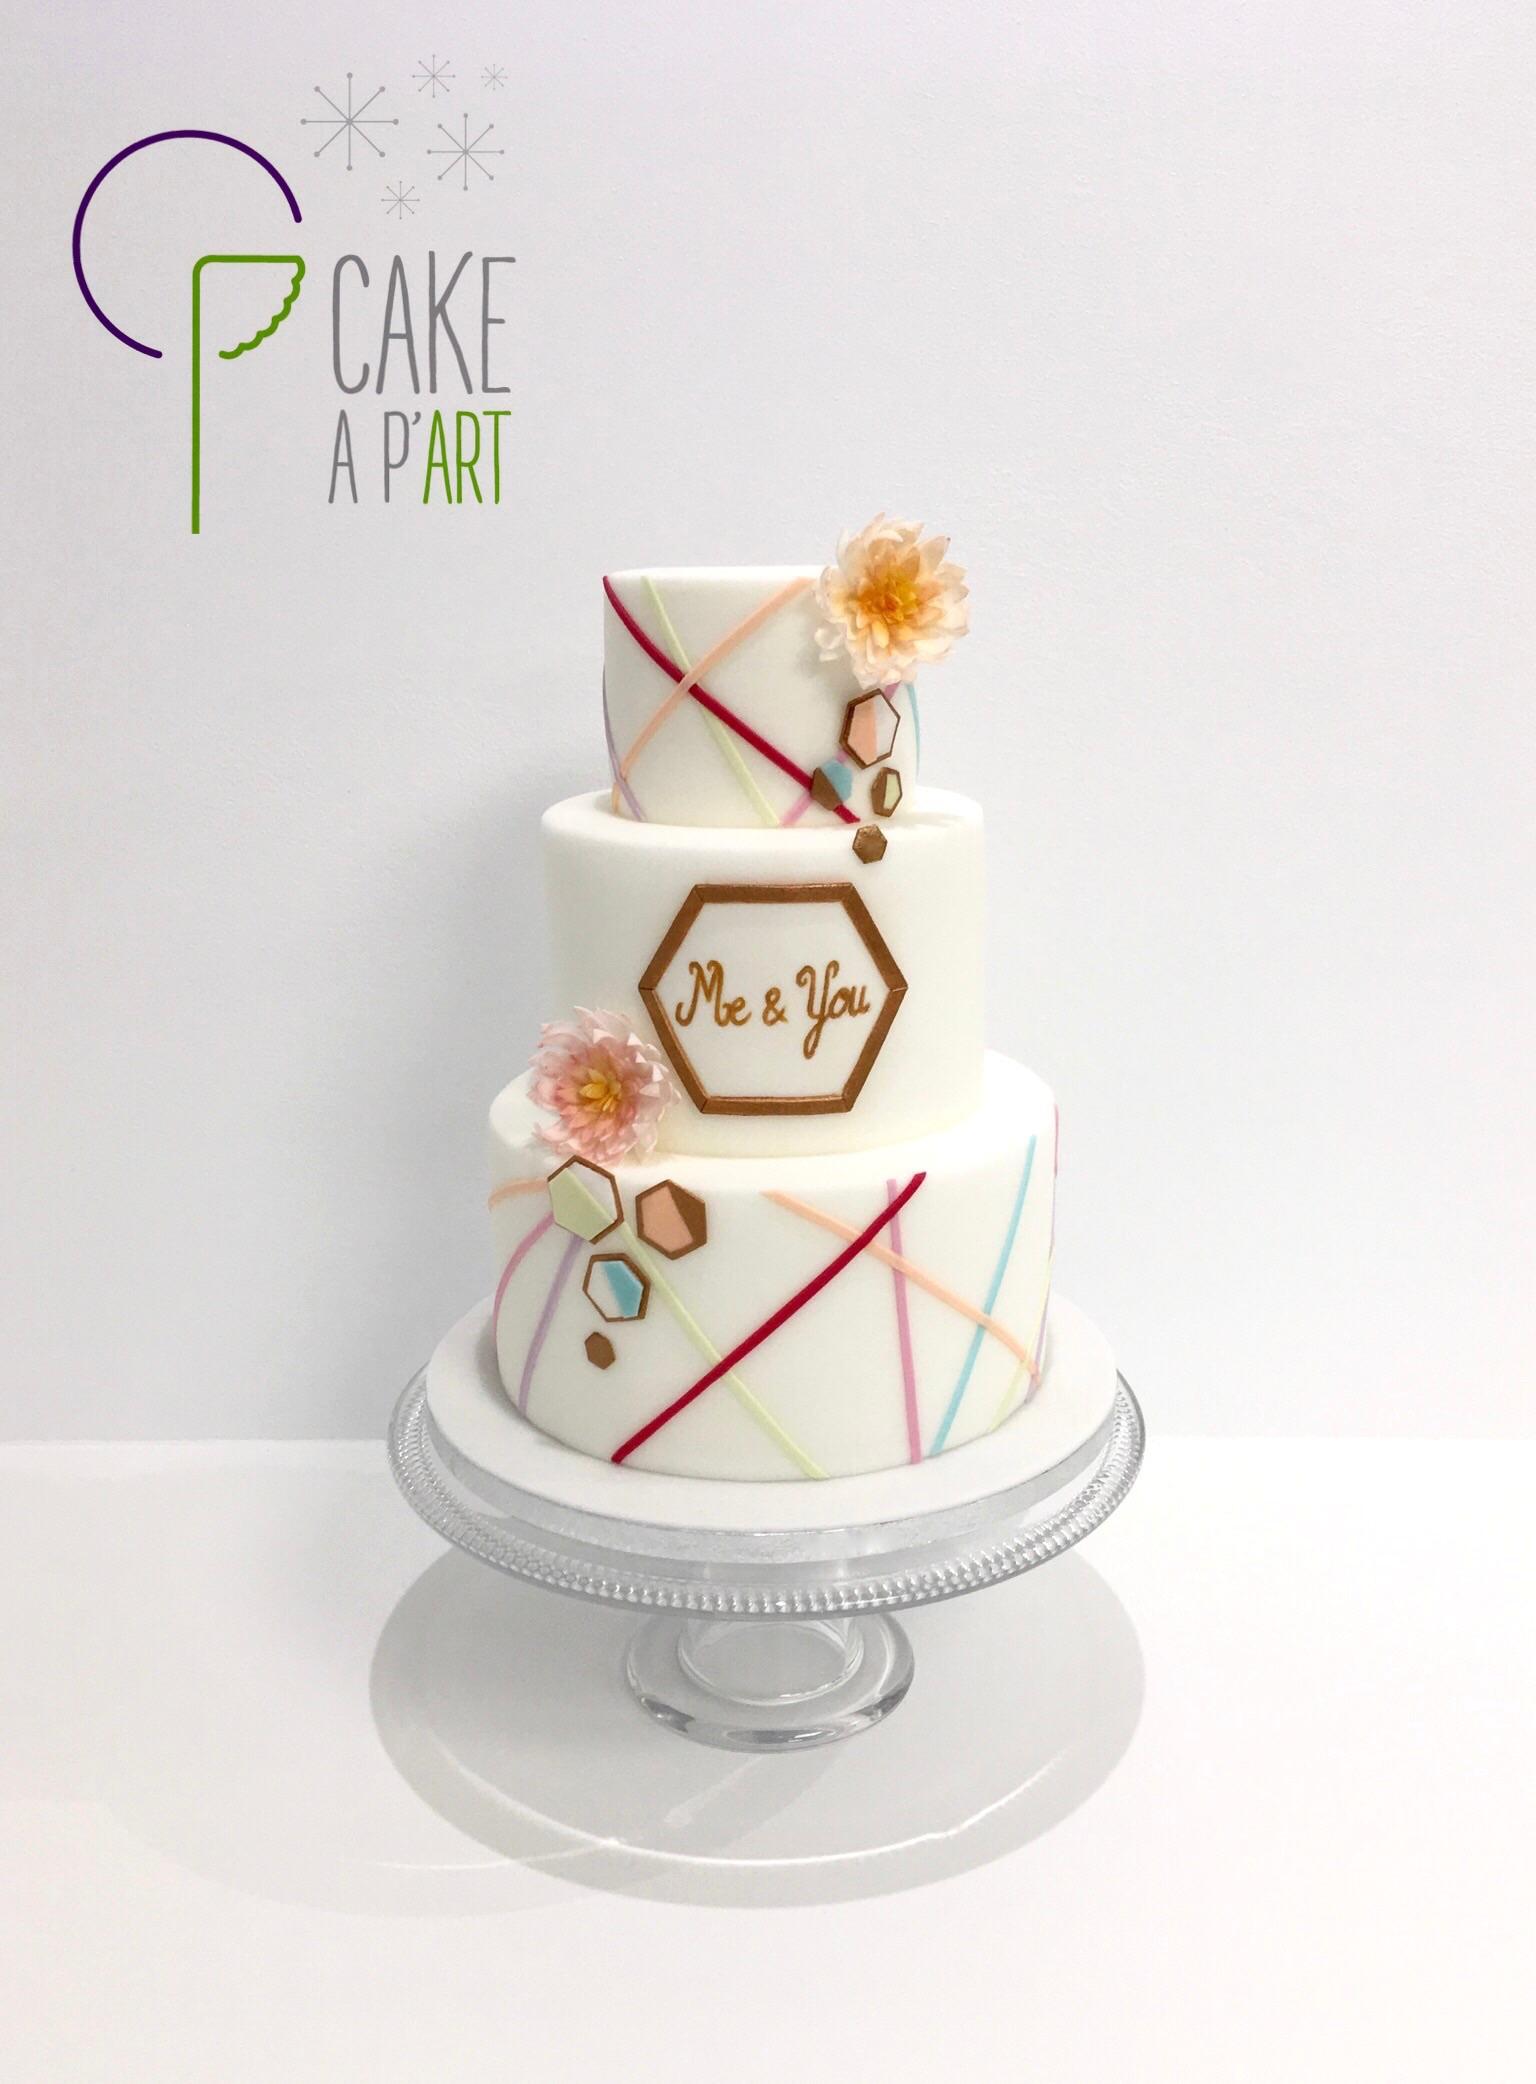 Gâteau Mariage - Pastel - Cakeapart